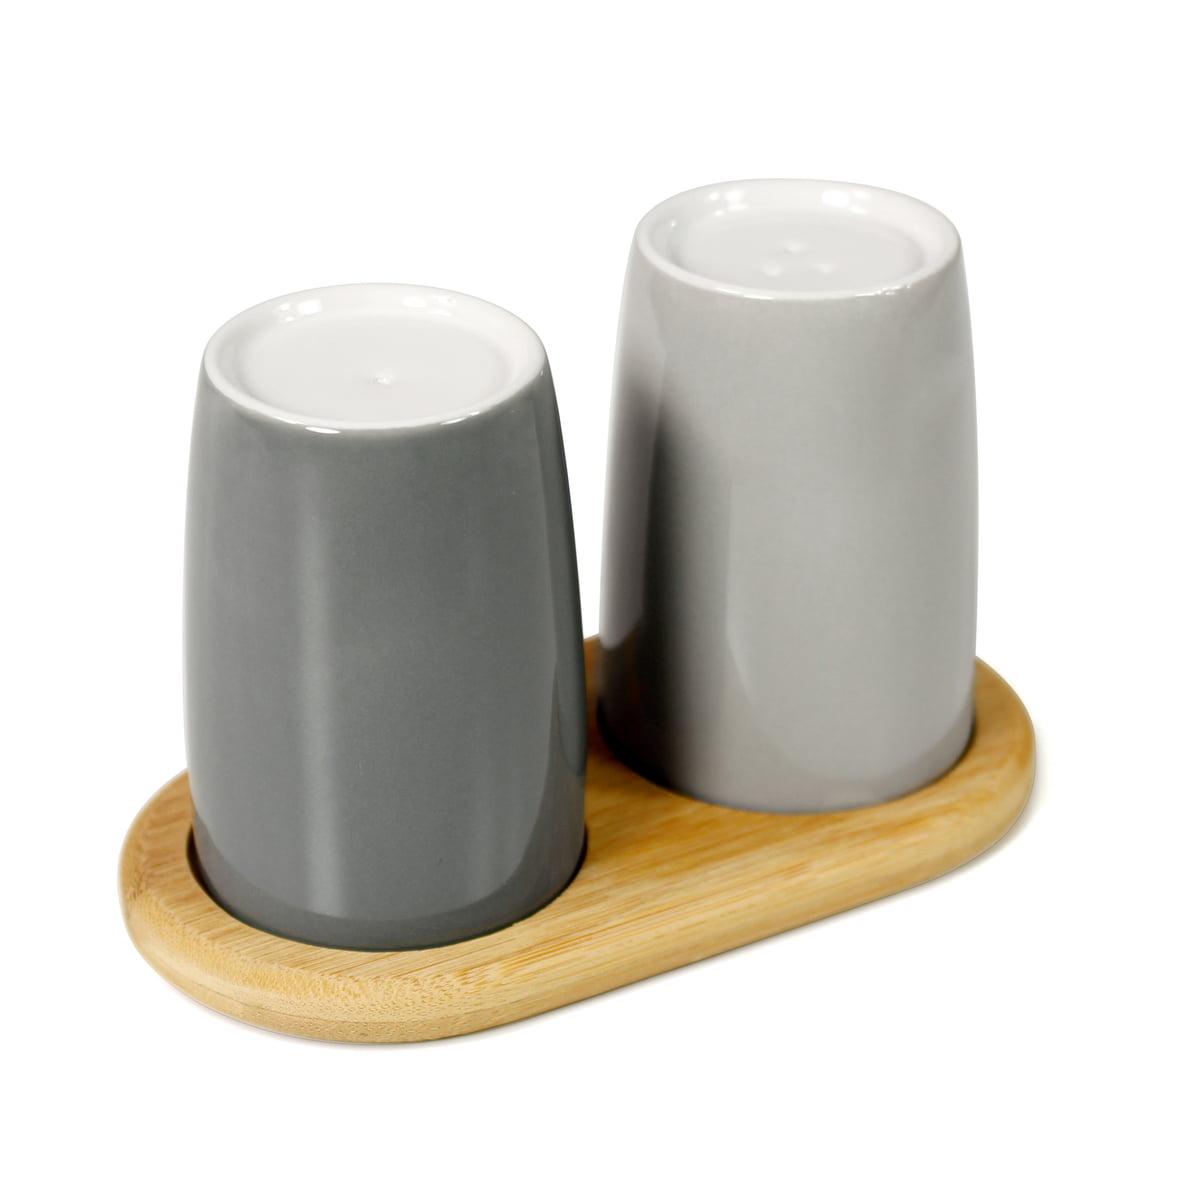 emma salt and pepper shakers by stelton. Black Bedroom Furniture Sets. Home Design Ideas